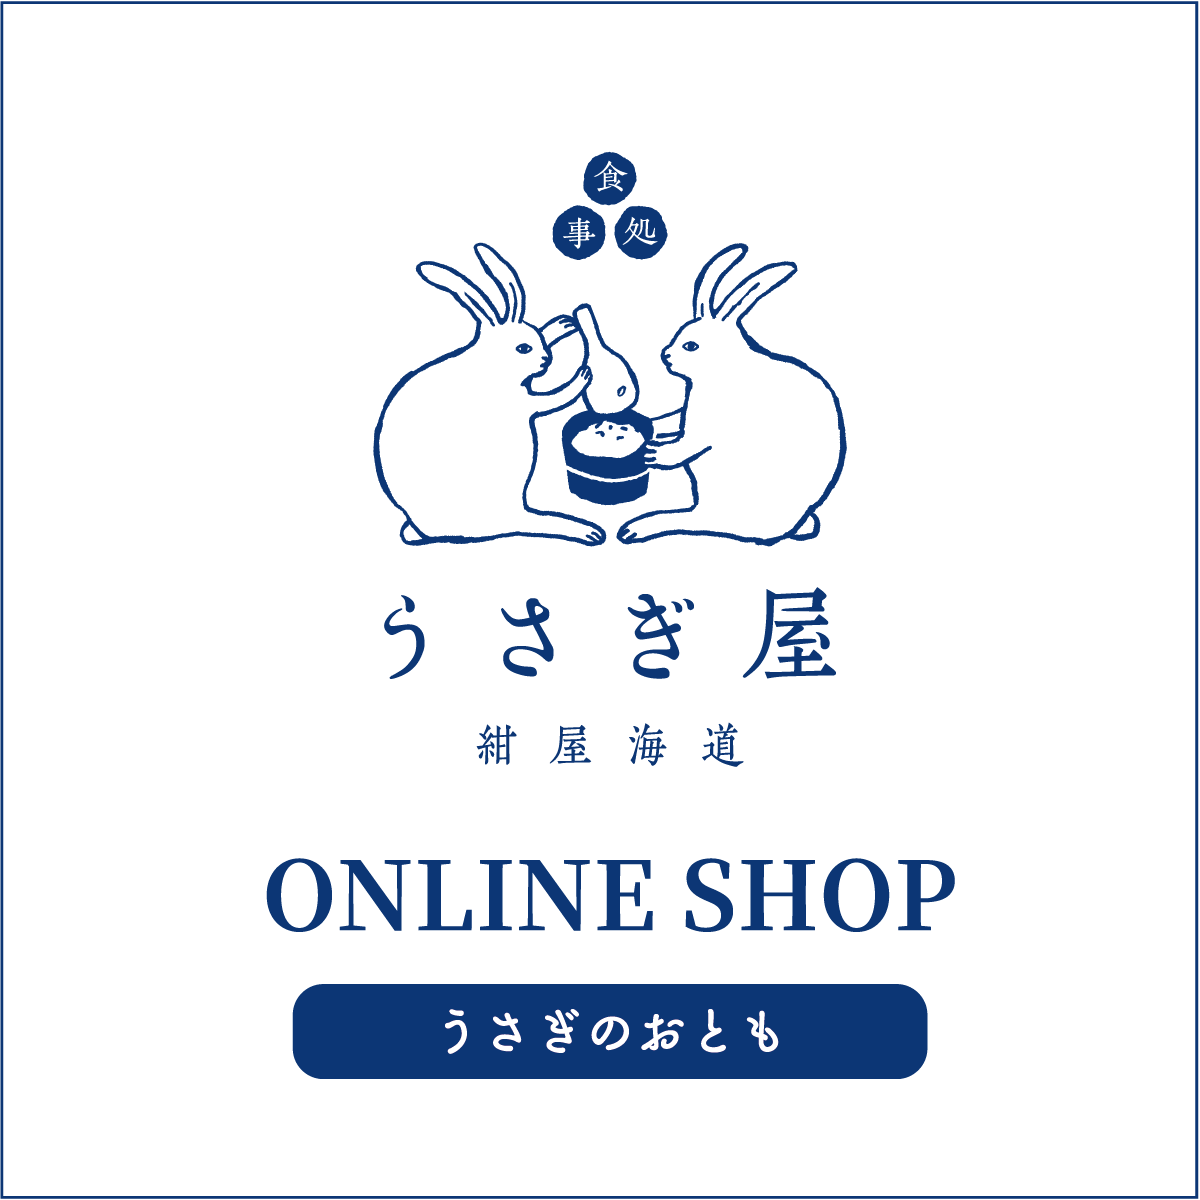 うさぎ屋オンラインショップ |半田市 紺屋海道